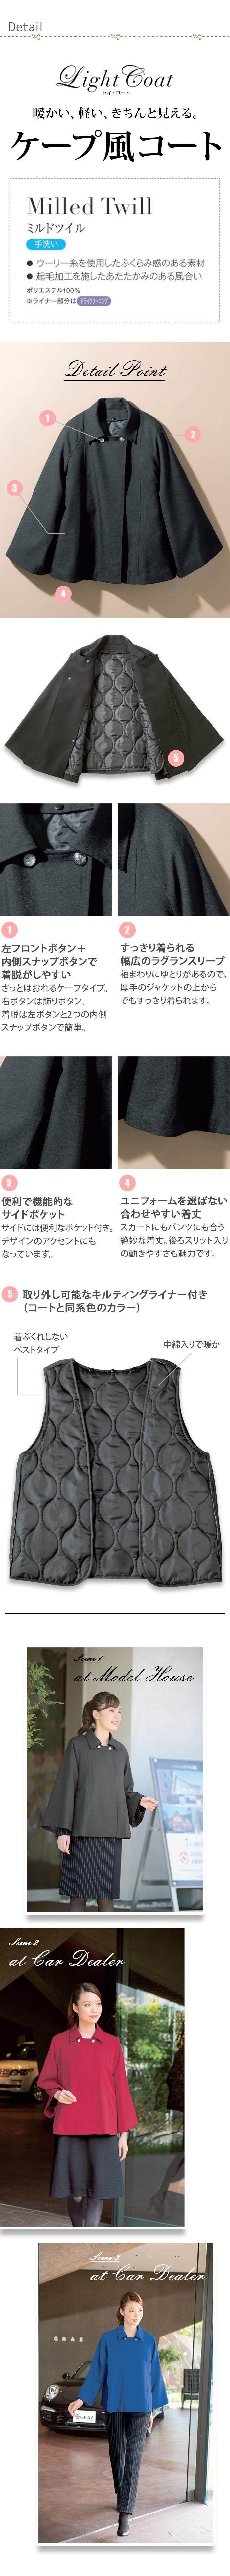 【ホテル・接客制服ユニフォーム】暖かいくて軽いケープ風コート。 ライトコート(ライナー付き)【3色】